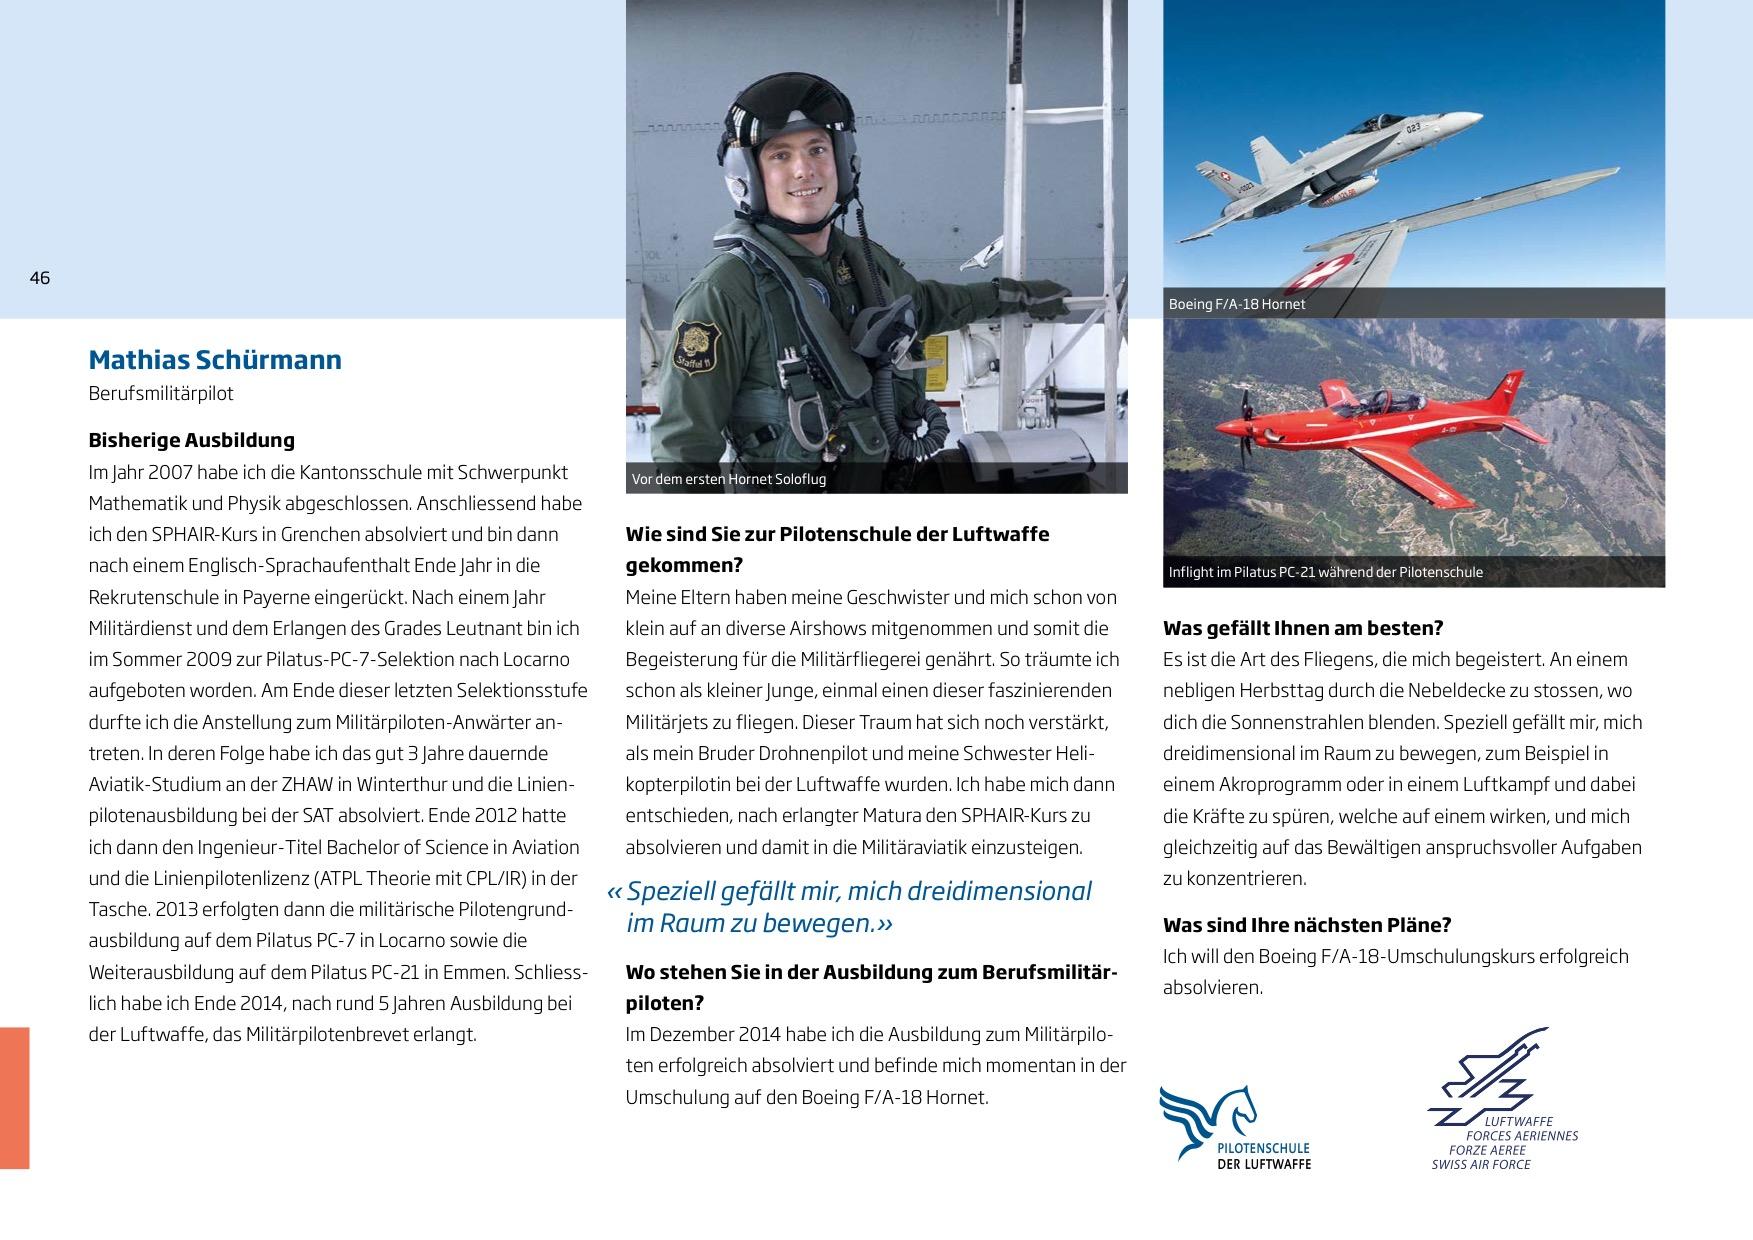 Fantastisch Beispiele Für Die Luftwaffe Bilder - Beispiel ...